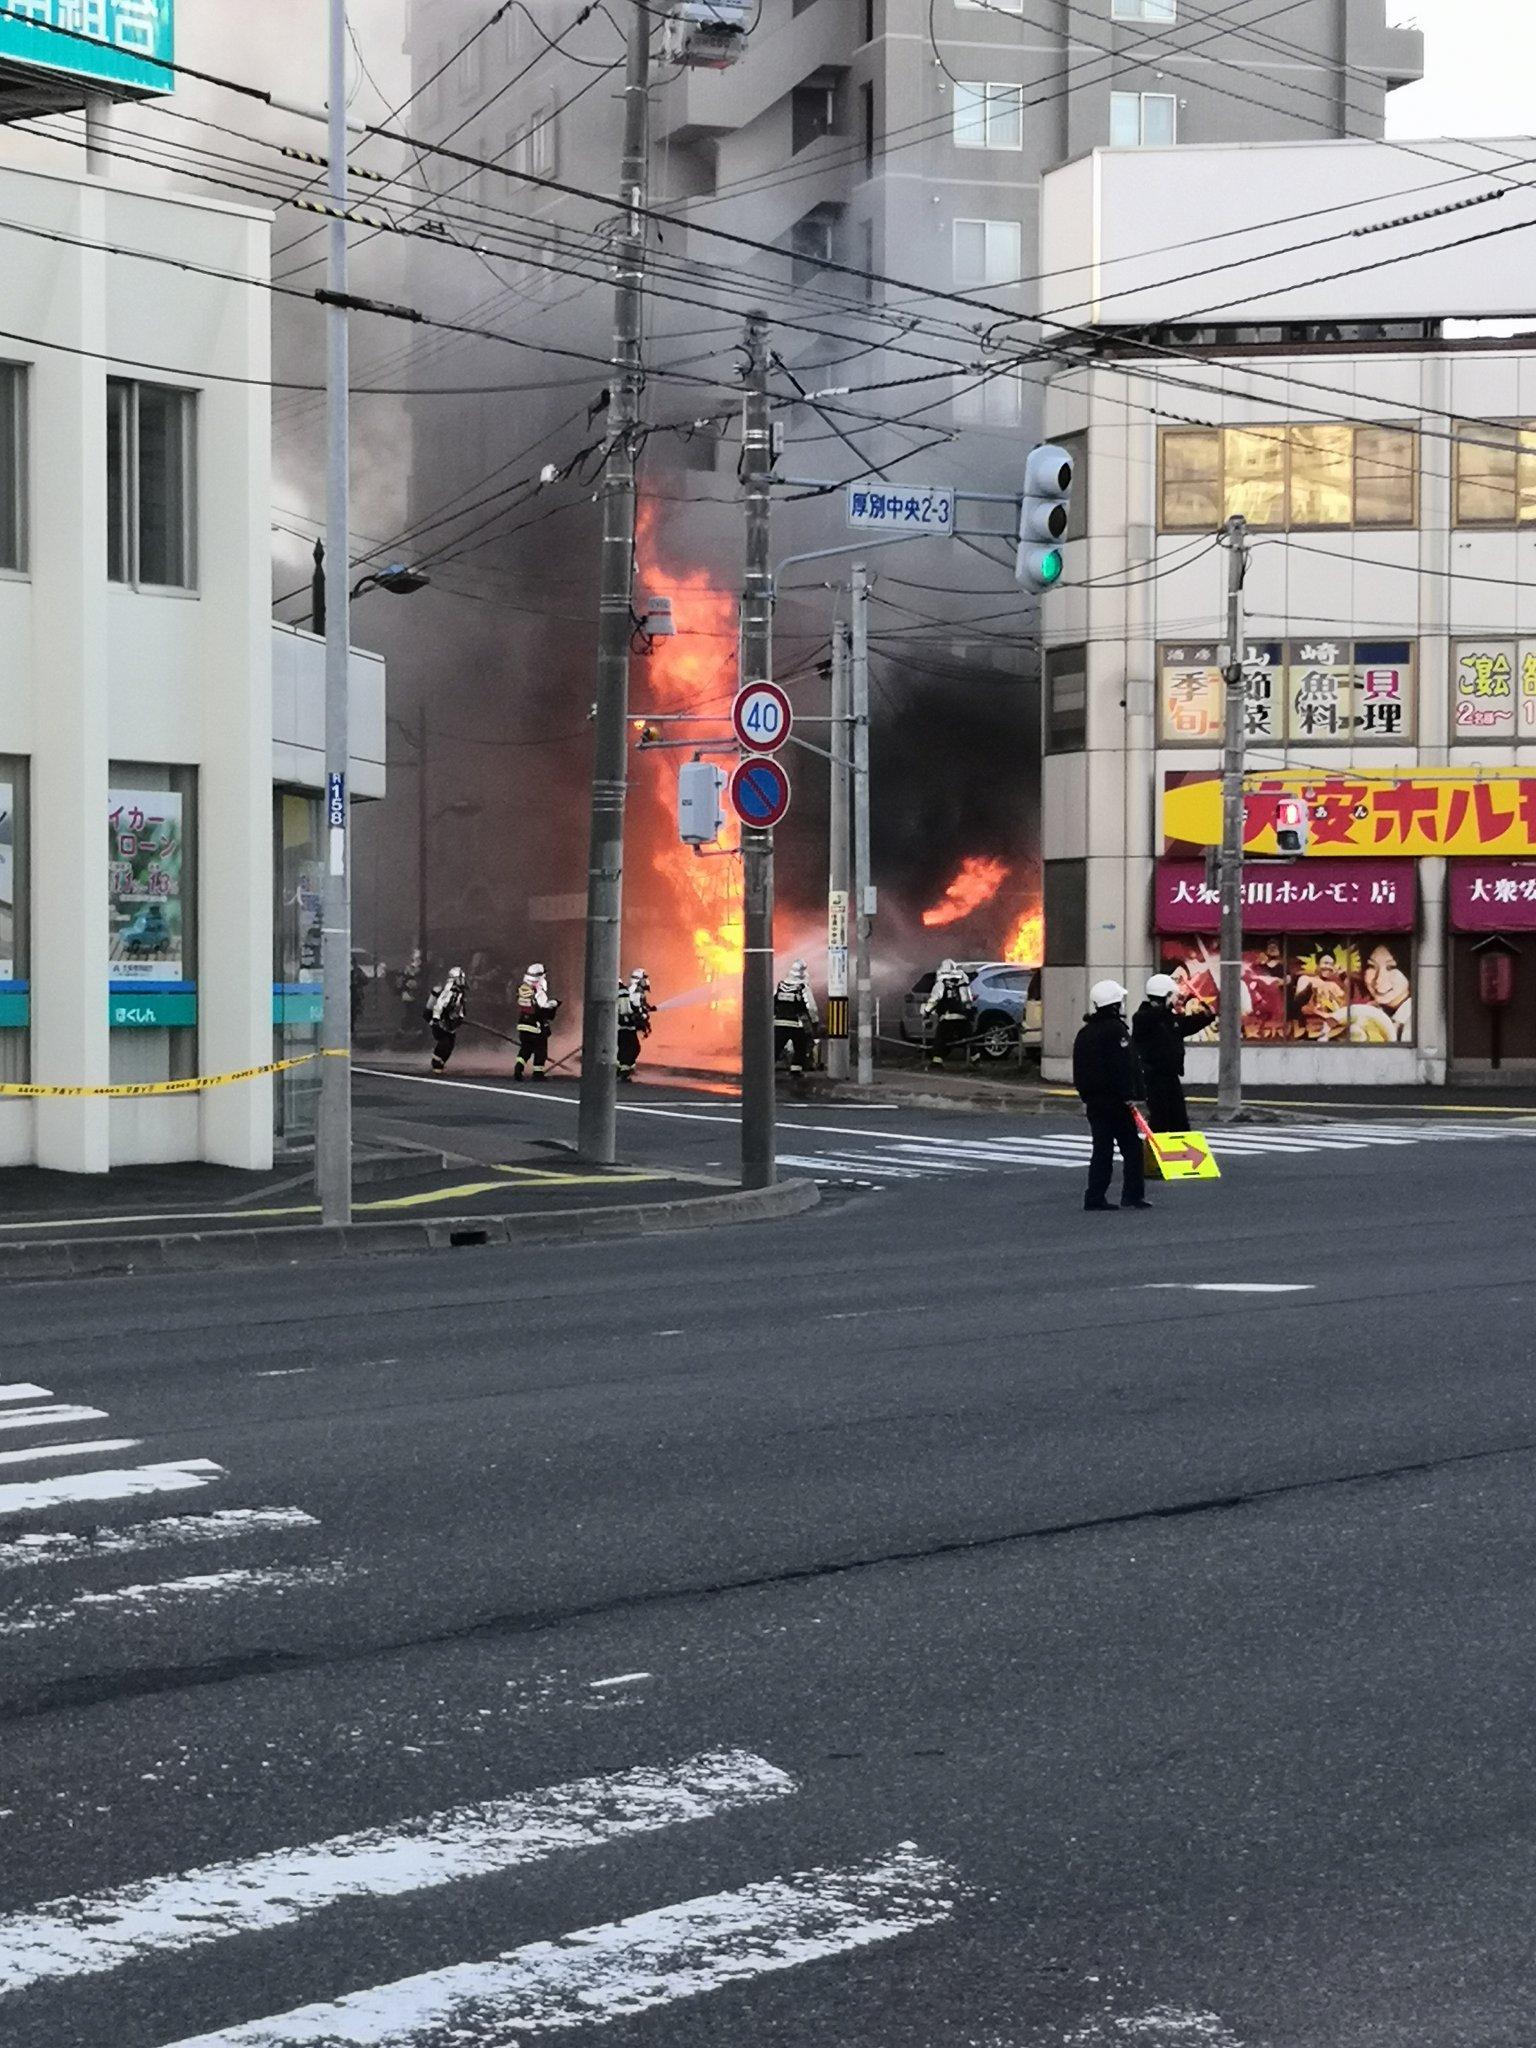 ラーメンの福八が炎上している火災現場の画像